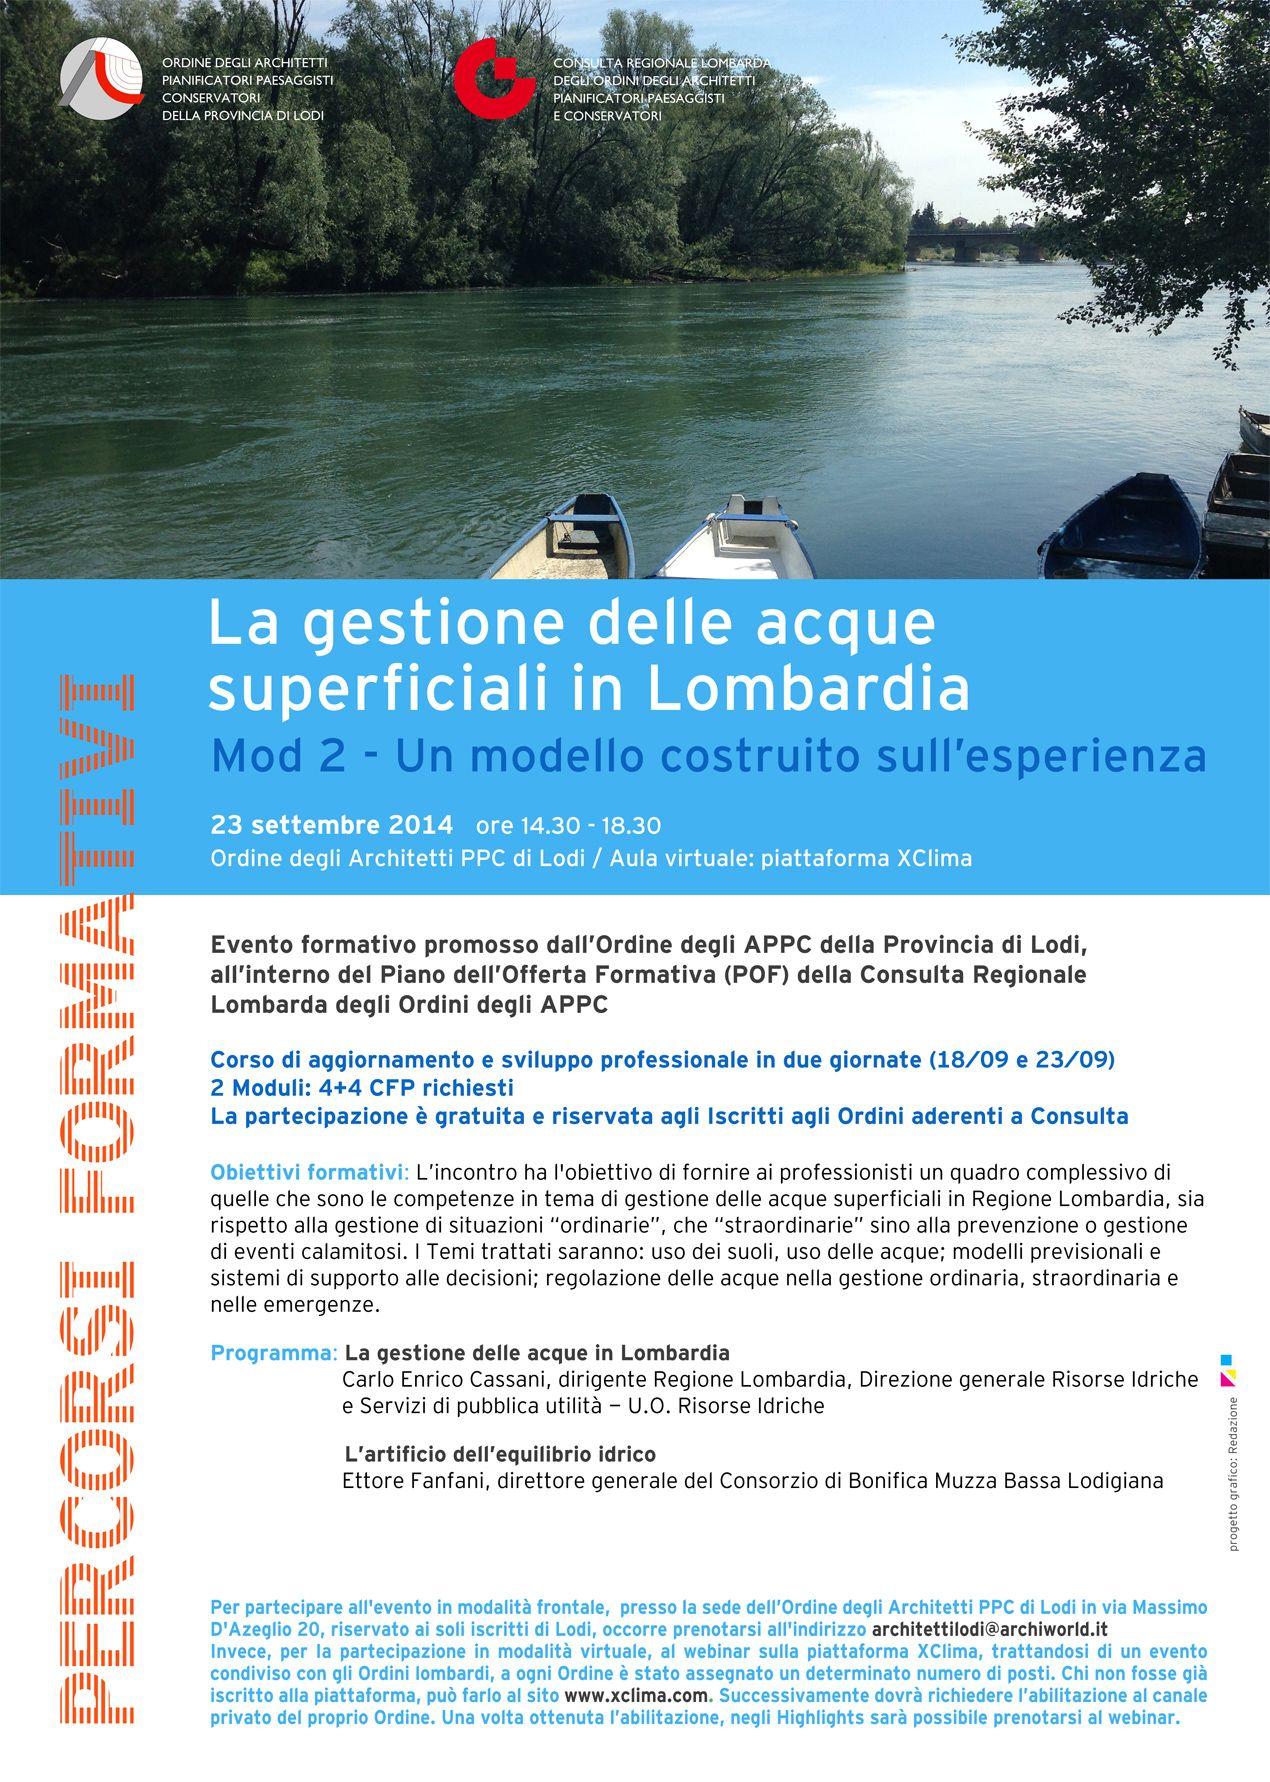 """locandina/programma """"La gestione delle acque superficiali in Lombardia. Mod 2 - Un modello costruito sull'esperienza """", evento formativo promosso dall'OAPPC di Lodi e dalla Consulta - progetto grafico: Redazione di AL"""